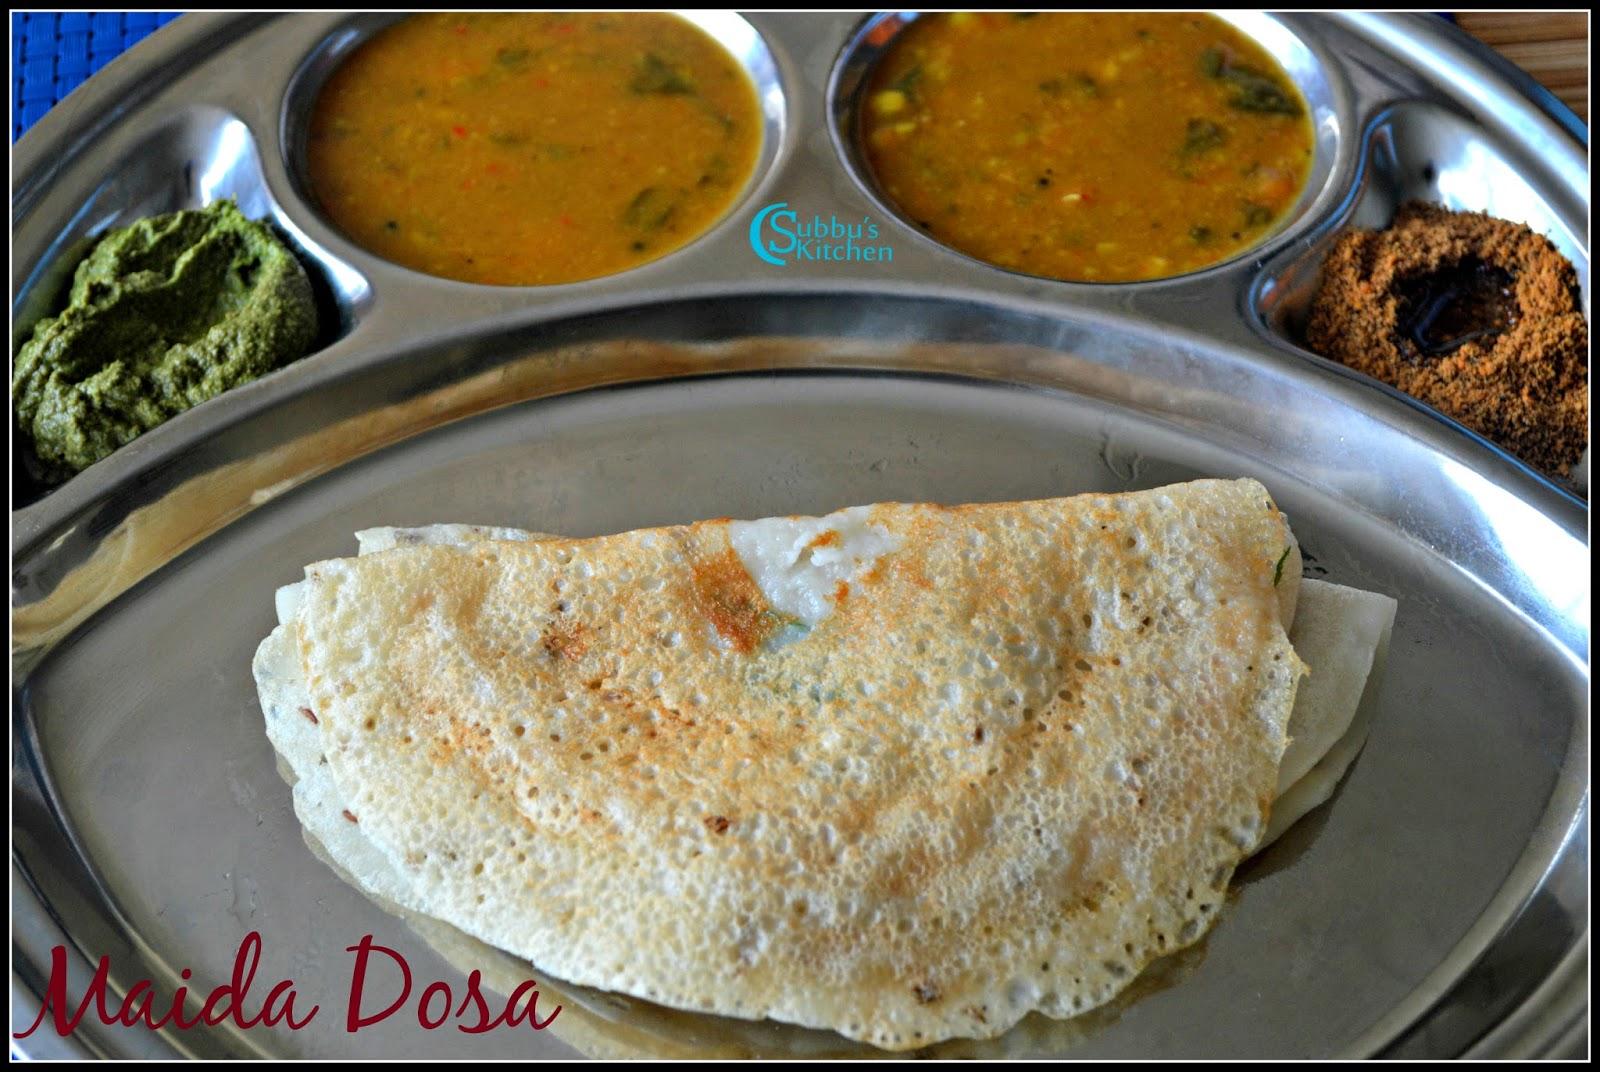 Maida Flour Dosai | Maida Dosa Recipe | Instant Maida Dosa